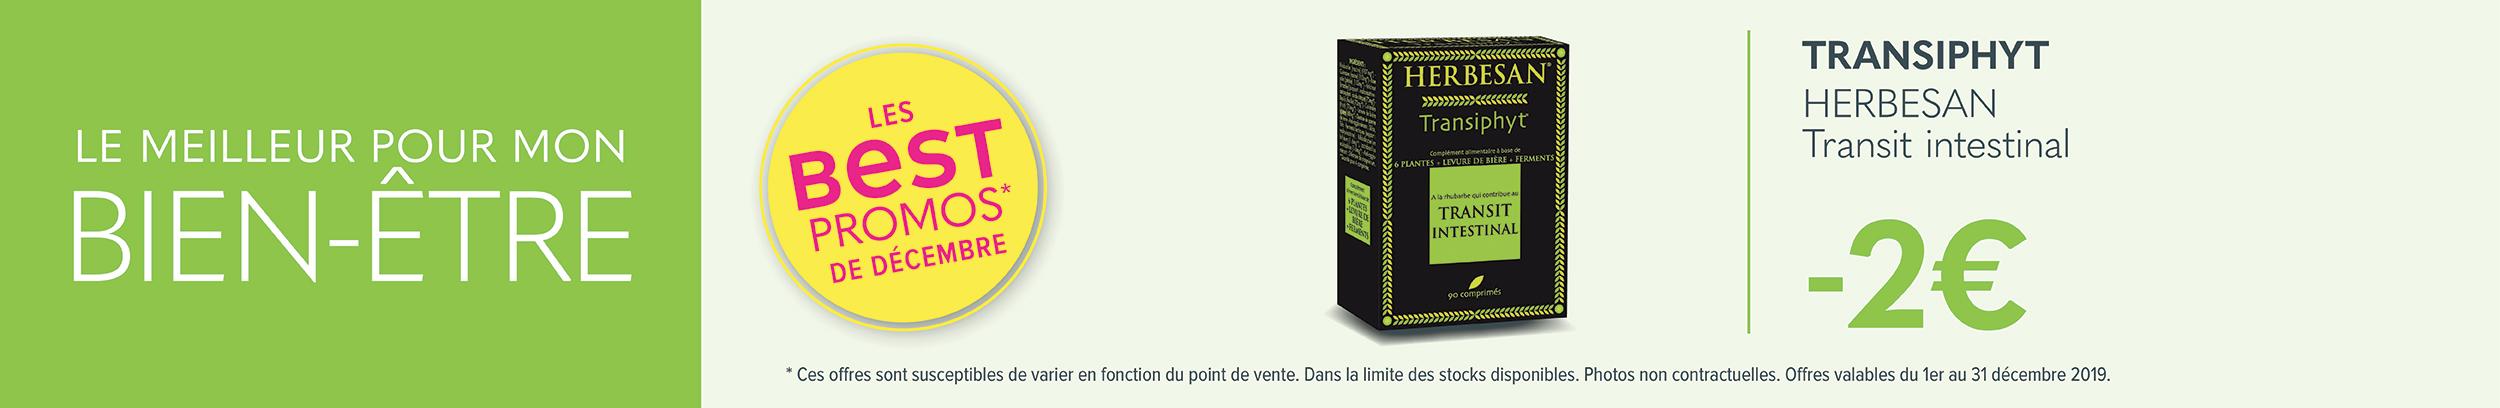 TRANSIPHYT - HERBESAN / Transit intestinal